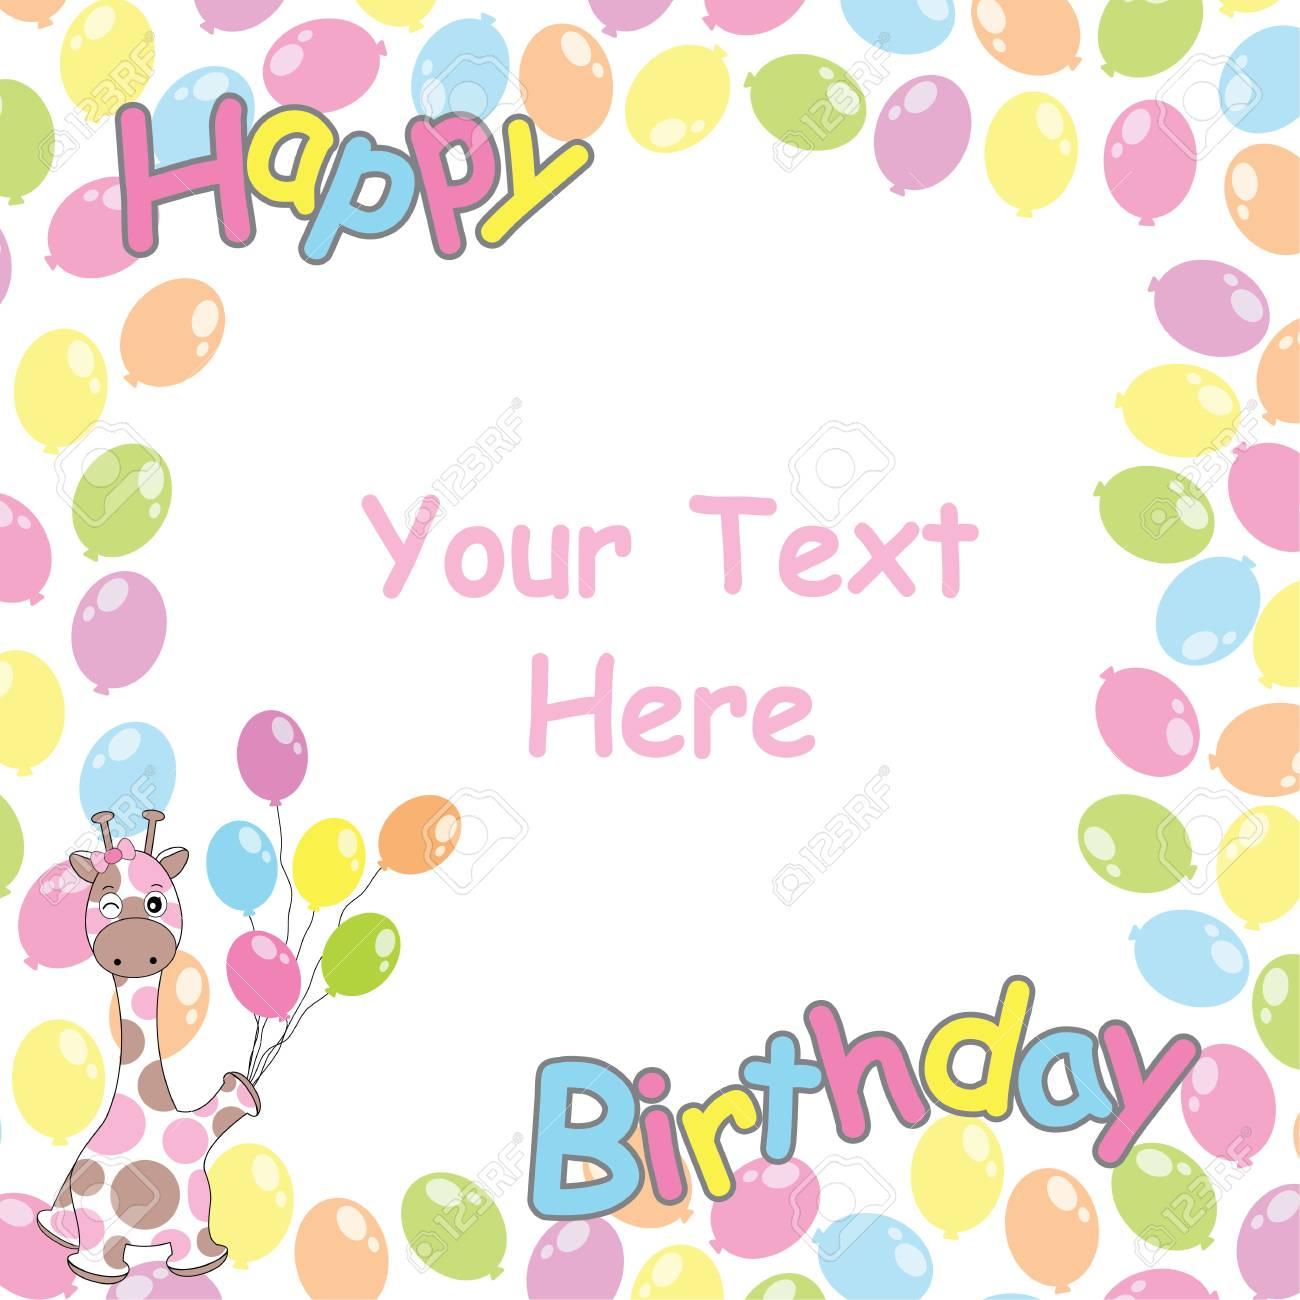 carte d'anniversaire avec jolie girafe et cadre de ballons adapté